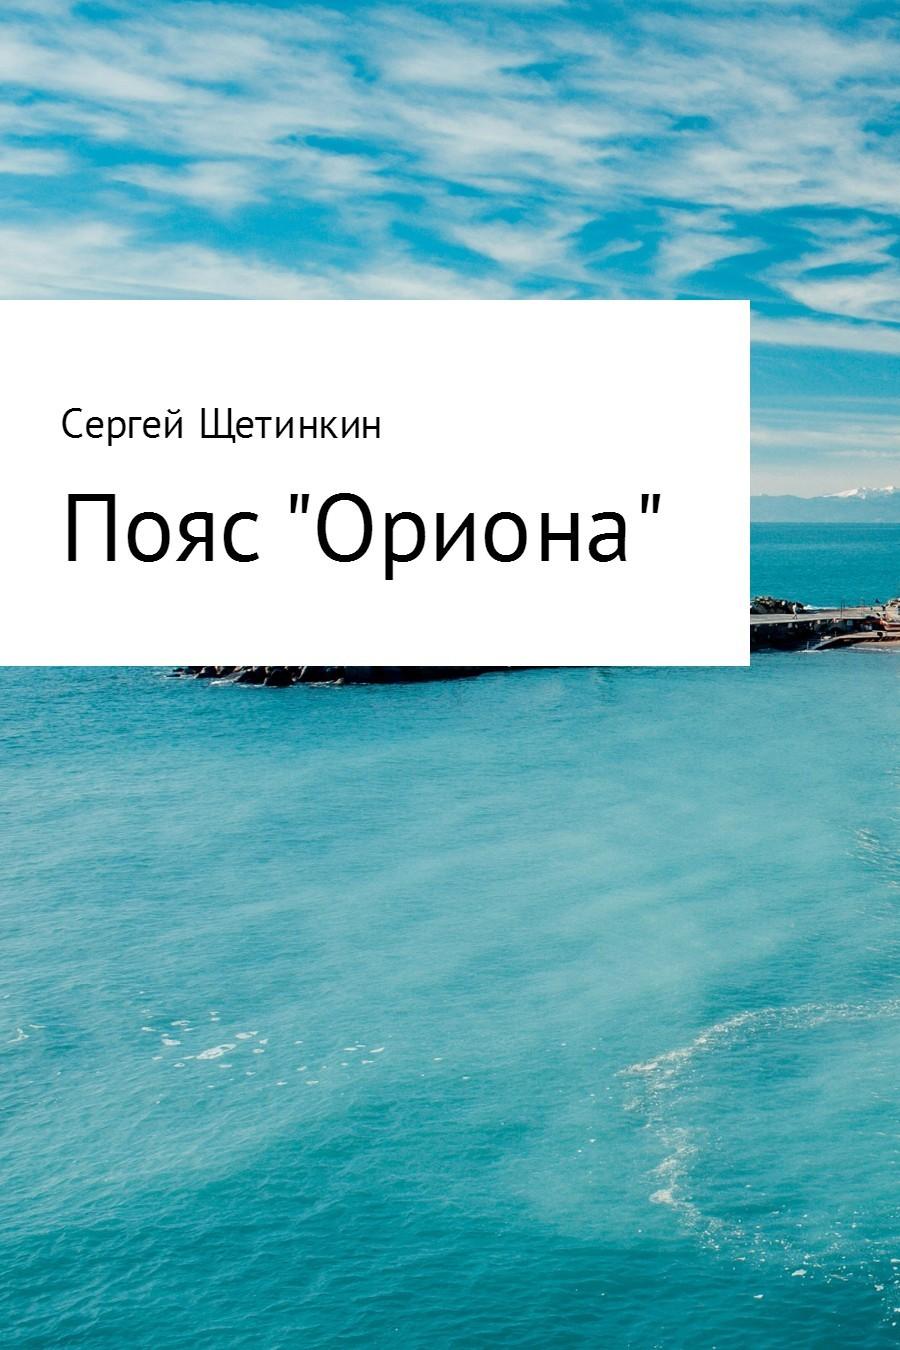 Сергей Юрьевич Щетинкин Пояс «Ориона» анна филиппова из огорода в эрмитаж или история одного клада